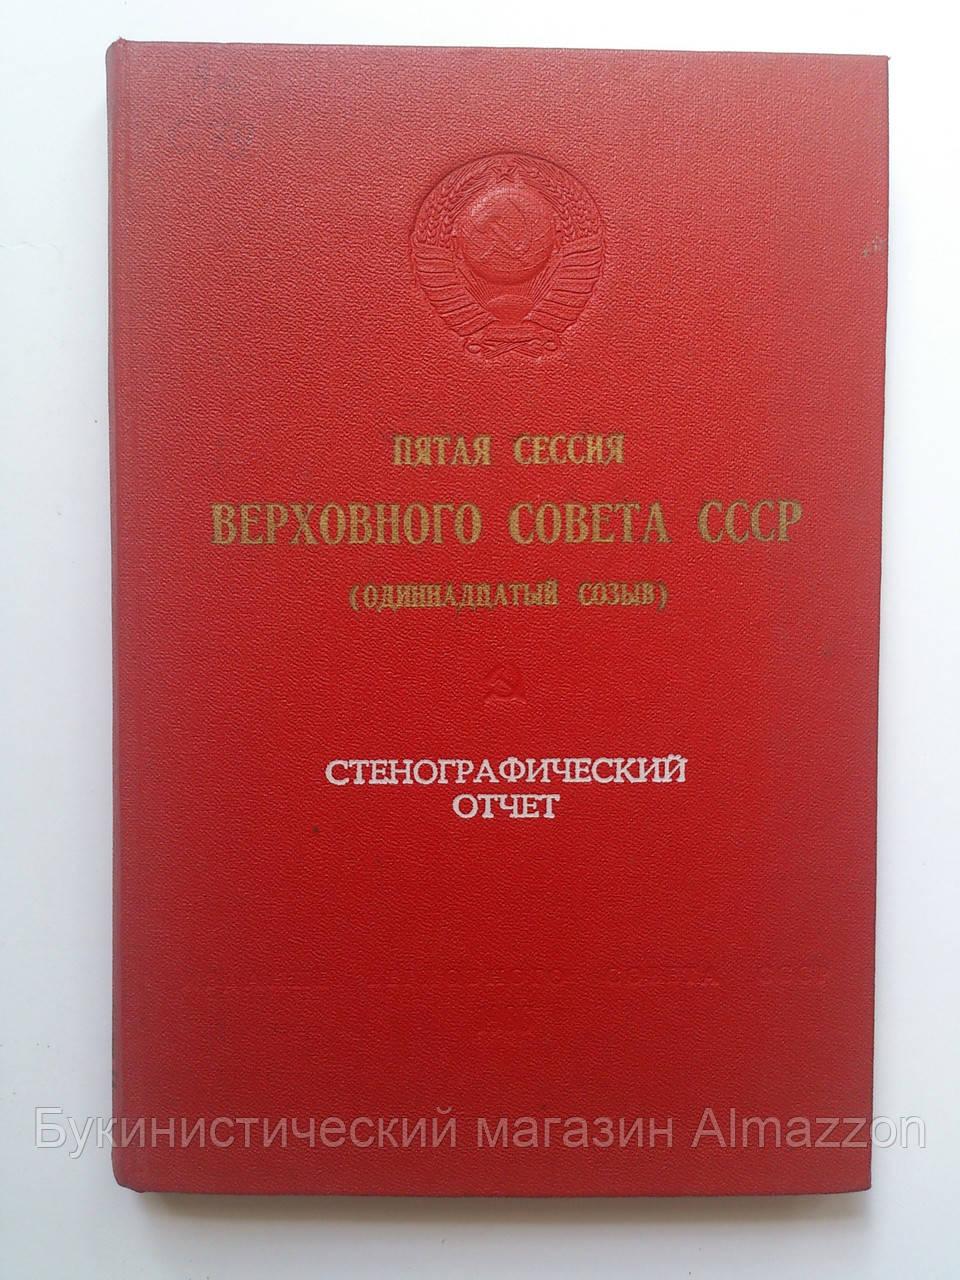 Пятая сессия Верховного Совета СССР. (одиннадцатый созыв). Стенографический отчет